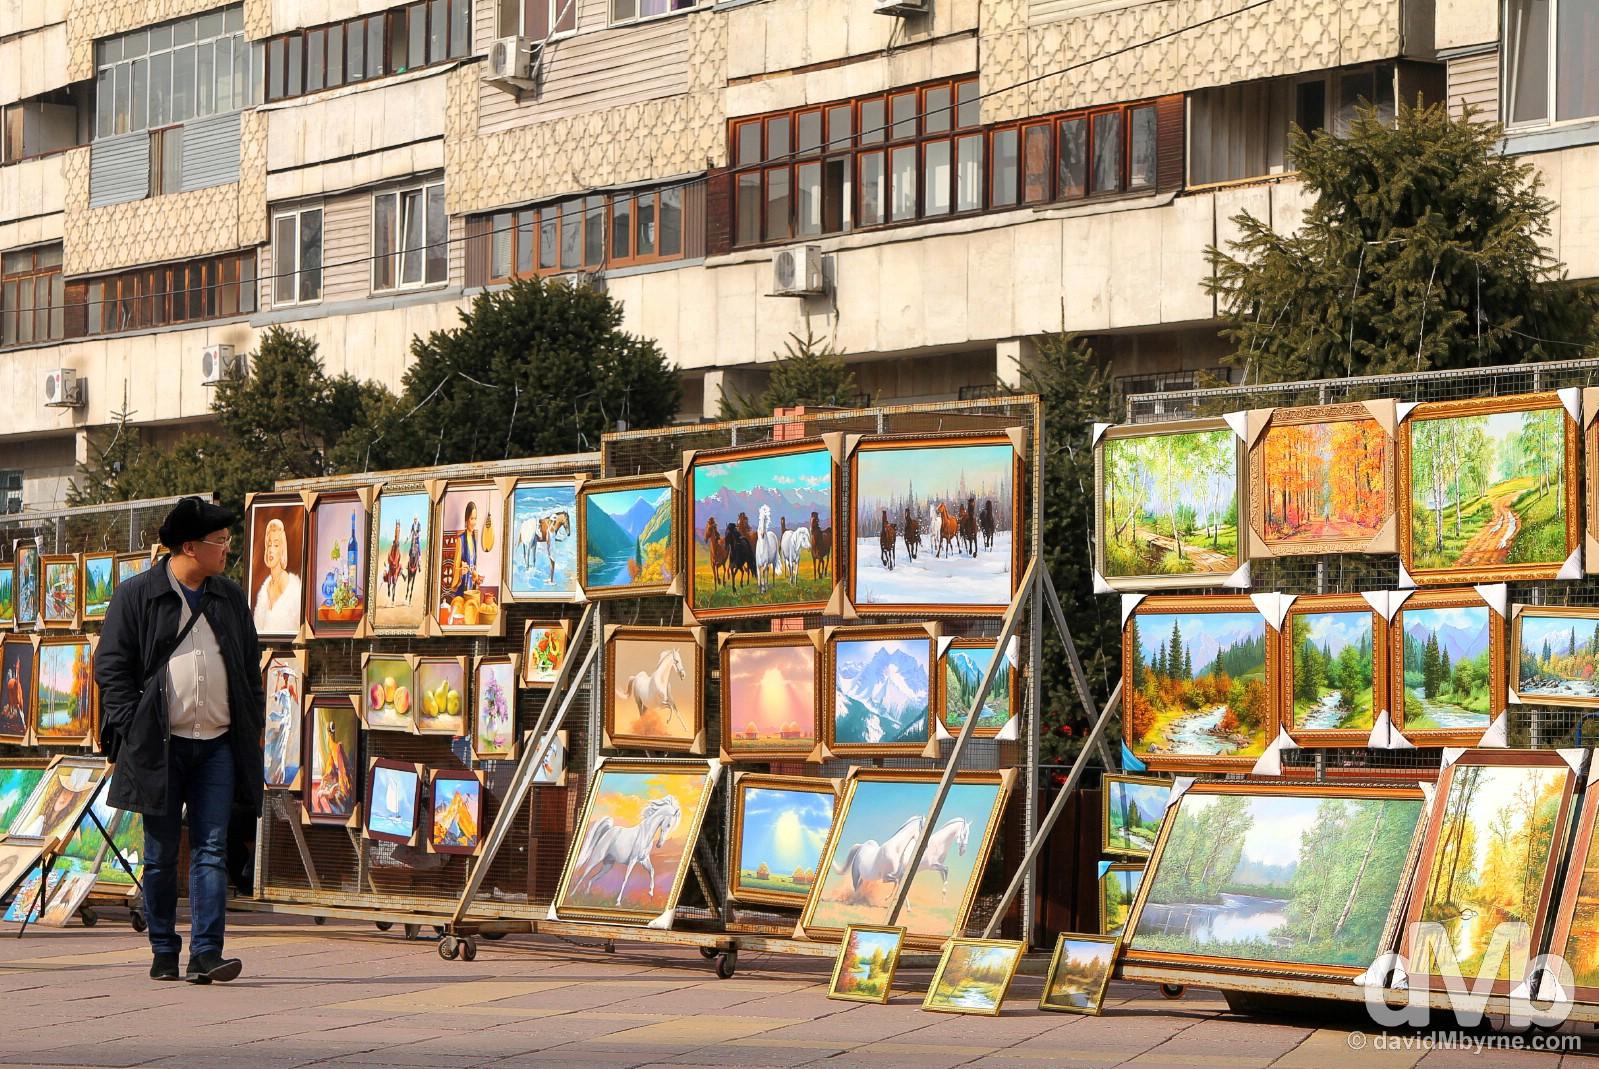 Art for sale on Zhibek Zholy in central Almaty, Kazakhstan. February 15, 2015.